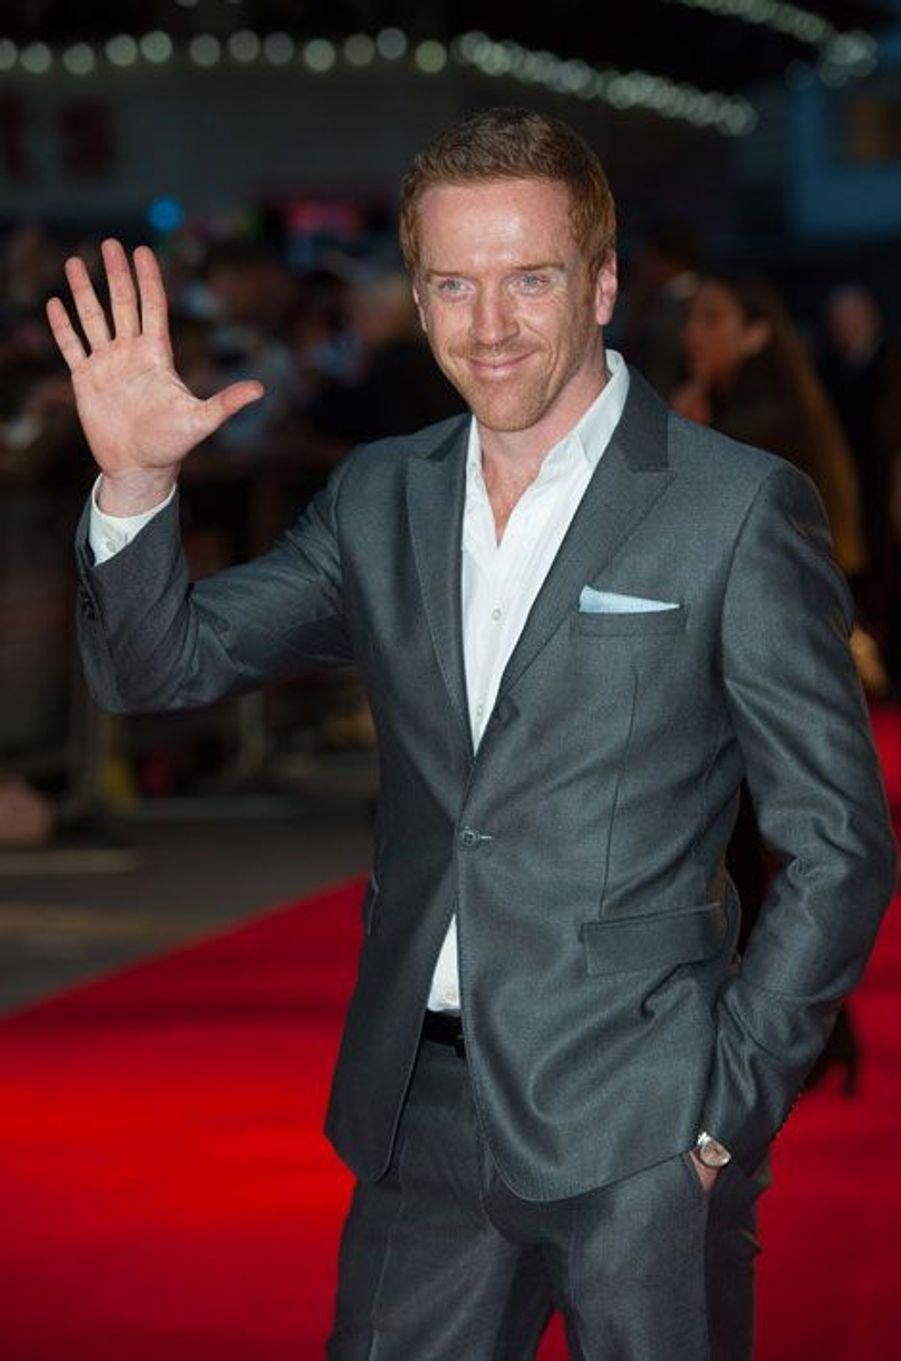 La rumeur est relancée. «Spectre» pourrait être le dernier film deDaniel Craigdans le rôle de James Bond. Dans des documents piratés en décembre dernier, l'ex-co-présidente de Sony Pictures Amy Pascal évoquait avec Elizabeth Cantillon, en charge de la franchise James Bond chez Columbia Pictures, la possibilité de remplacer Daniel Craig par Idris Elba même si le contrat de Daniel Craig stipule sa présence pour un autre opus après «Spectre».Depuis, nombreux sont ceux qui pensent que l'épisode 25 de Bond introduira un nouvel agent du MI6 pour remplacer Daniel Craig. Les paris sont lancés du côté des bookmakers et les noms de plusieurs acteurs circulent. Paris Match vous propose aujourd'hui de voter pour votre remplaçant préféré. Après Sean Connery,Roger Moore, Timothy Dalton, Pierce Brosnan et Daniel Craig, qui sera le prochain James Bond ?Pour le moment, Damian Lewis («Homeland»), Idris Elba («The Wire»), Tom Hardy («Mad Max : Fury Road»), Hugh Jackman («X-Men»), Henry Cavill («Men of Steel»), Michael Fassbender («MacBeth») et Sam Worthington («Avatar») font partie des favoris. Parmi les autres noms mentionnés chez les bookmakers, on retrouve, avec une plus faible côte, Orlando Bloom, Andrew Lincoln («The Walking Dead»), Dan Stevens («Downton Abbey)», Richard Armitage («The Hobbit») et Daniel Day-Lewis («Lincoln»). Bien que les chances soient infimes pour que l'un de ces acteurs prenne le costume de l'espion international, ils ne doivent pas pour autant être éliminés de la compétition d'avance. Après tout, de nombreux fans avaient au premier abord était surpris du choix de Daniel Craig.  Damian LewisDepuis quelques jours, l'acteur britannique figure en tête du classement des bookmakers. Révélé dans les séries «Life» et «Homeland»,Damian Lewisa le vent en poupe. La rumeur d'une rencontre entre le comédien de 44 ans et la production des James Bond a même circulé un temps, démentie finalement par le principal intéressé. Alors, le prochain James Bond sera-t-il roux ?